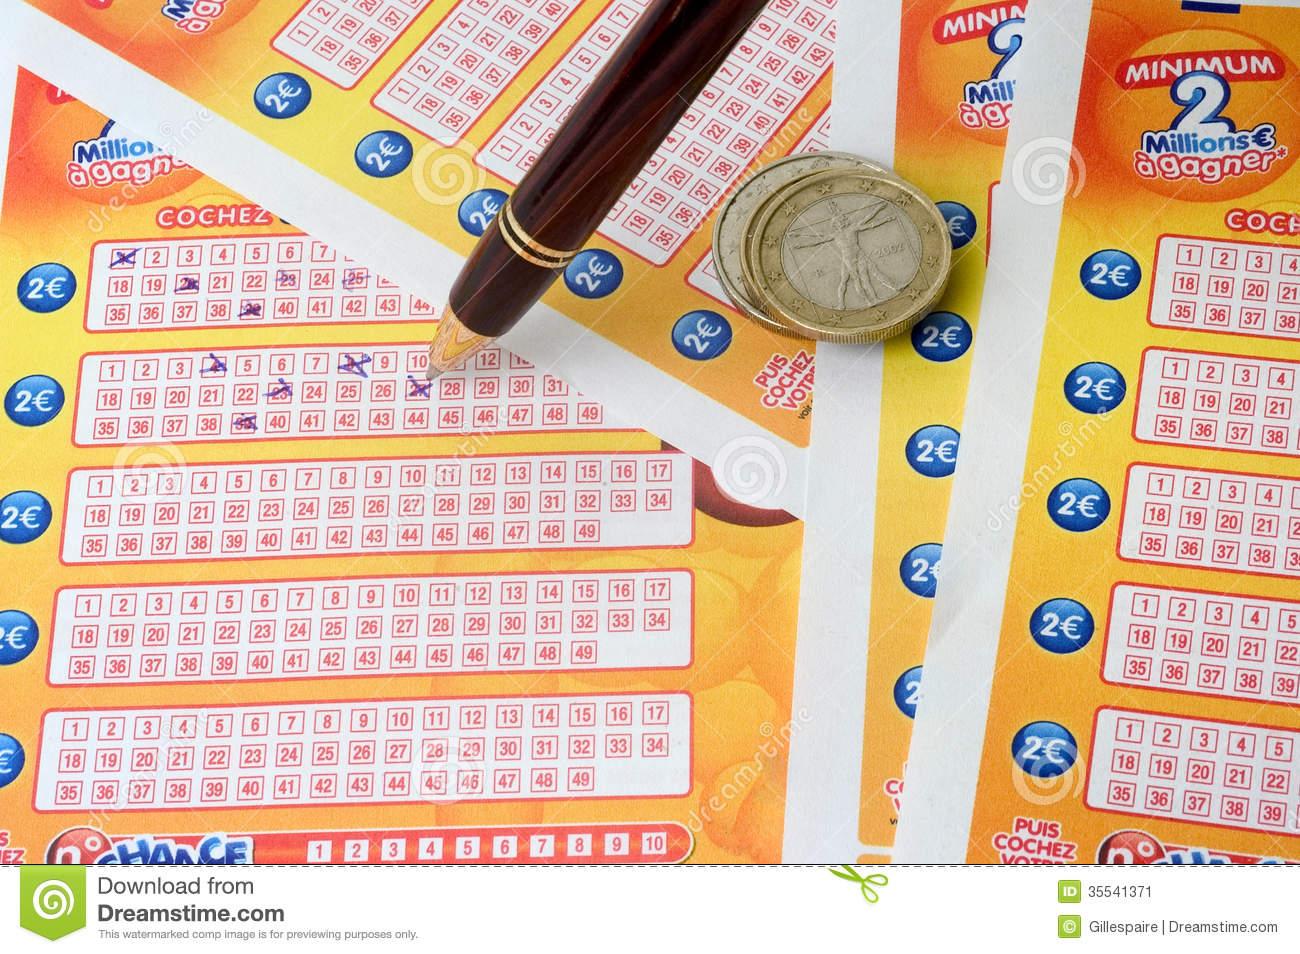 Résultat loto fdj ⇒ tous les résultats des tirages loto dès 20h40